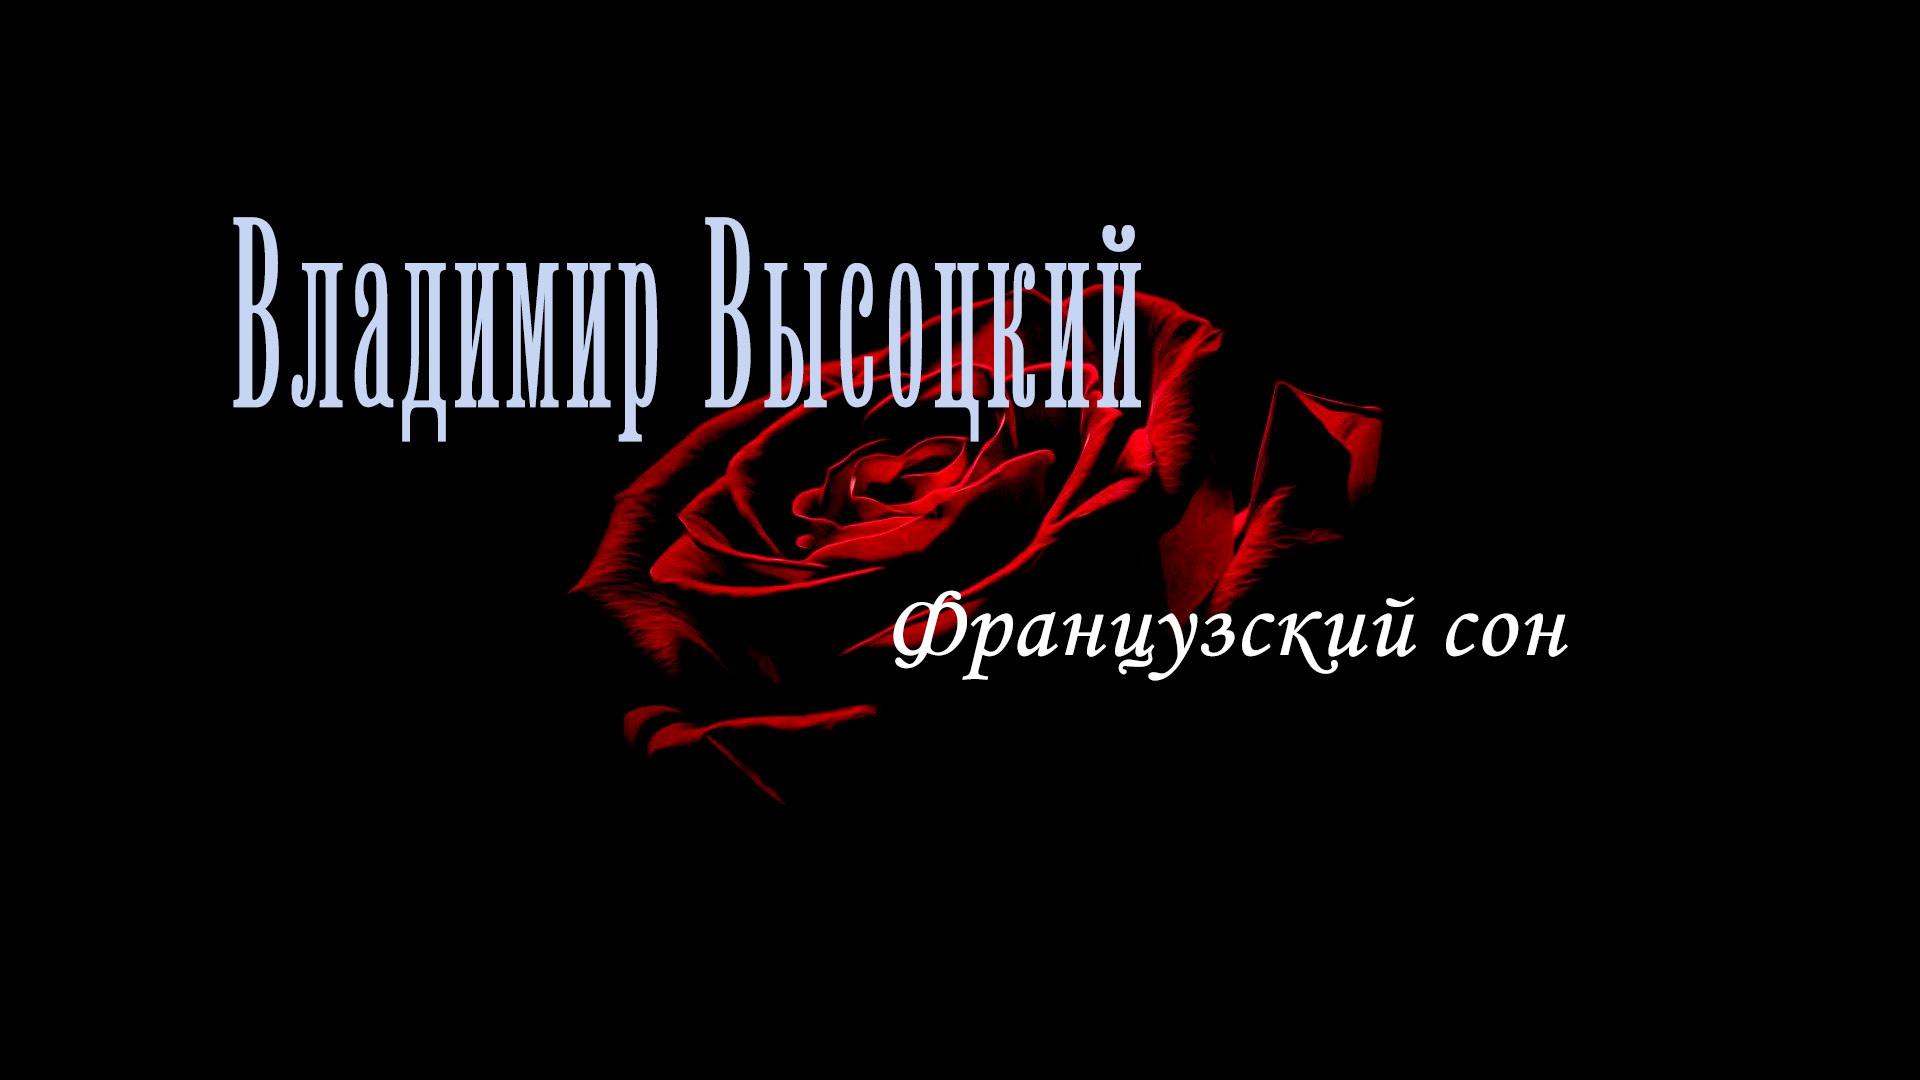 Владимир Высоцкий. Французский сон